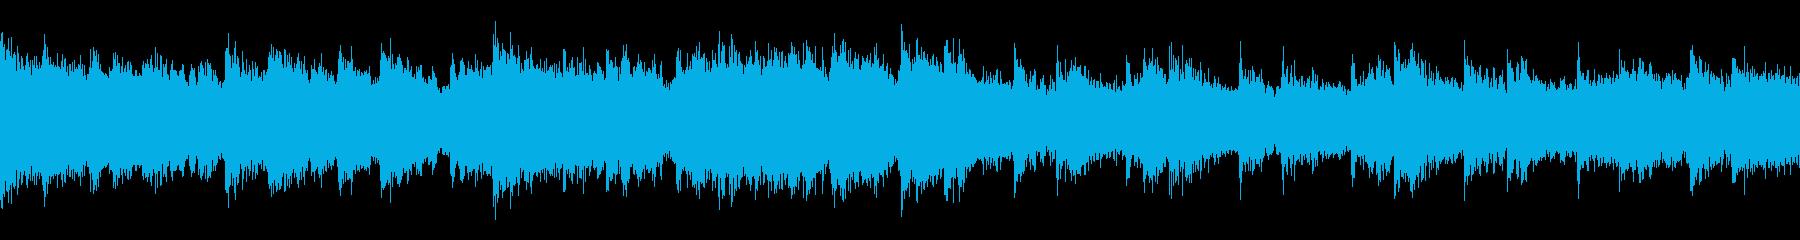 洞窟の冒険、ピアノ/ループ処理済みの再生済みの波形